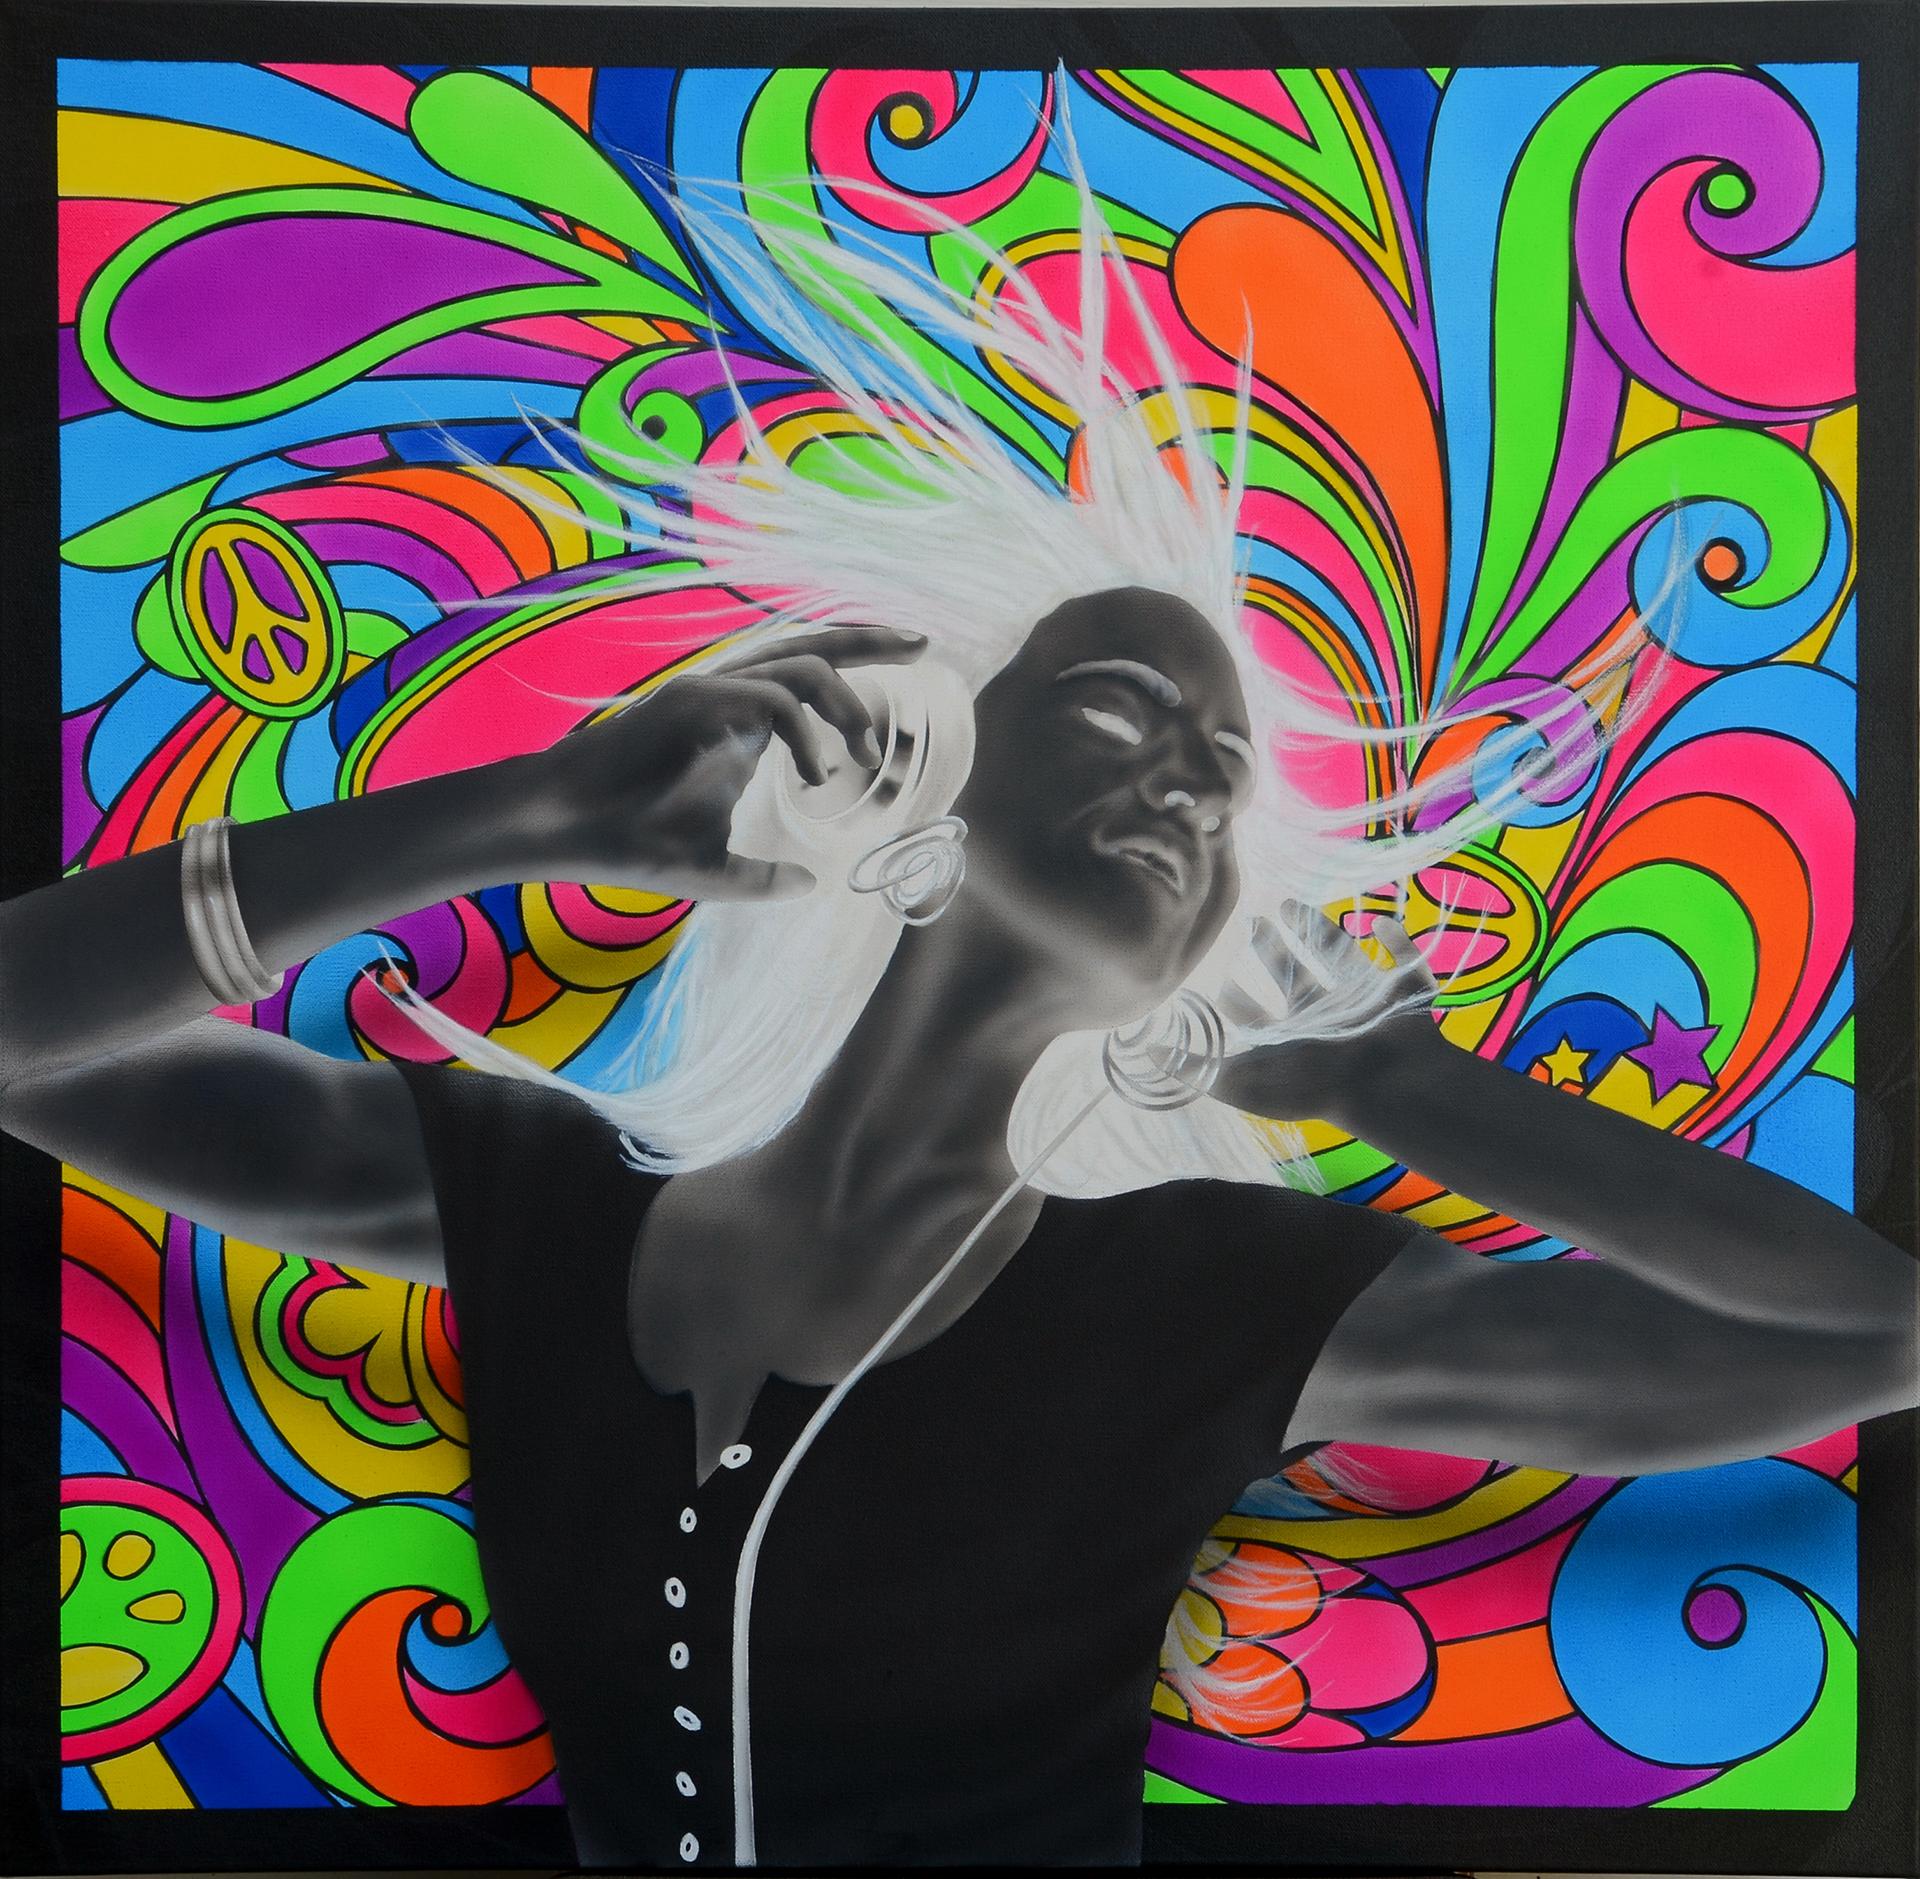 Dance Little Sister Dance, John Salozzo